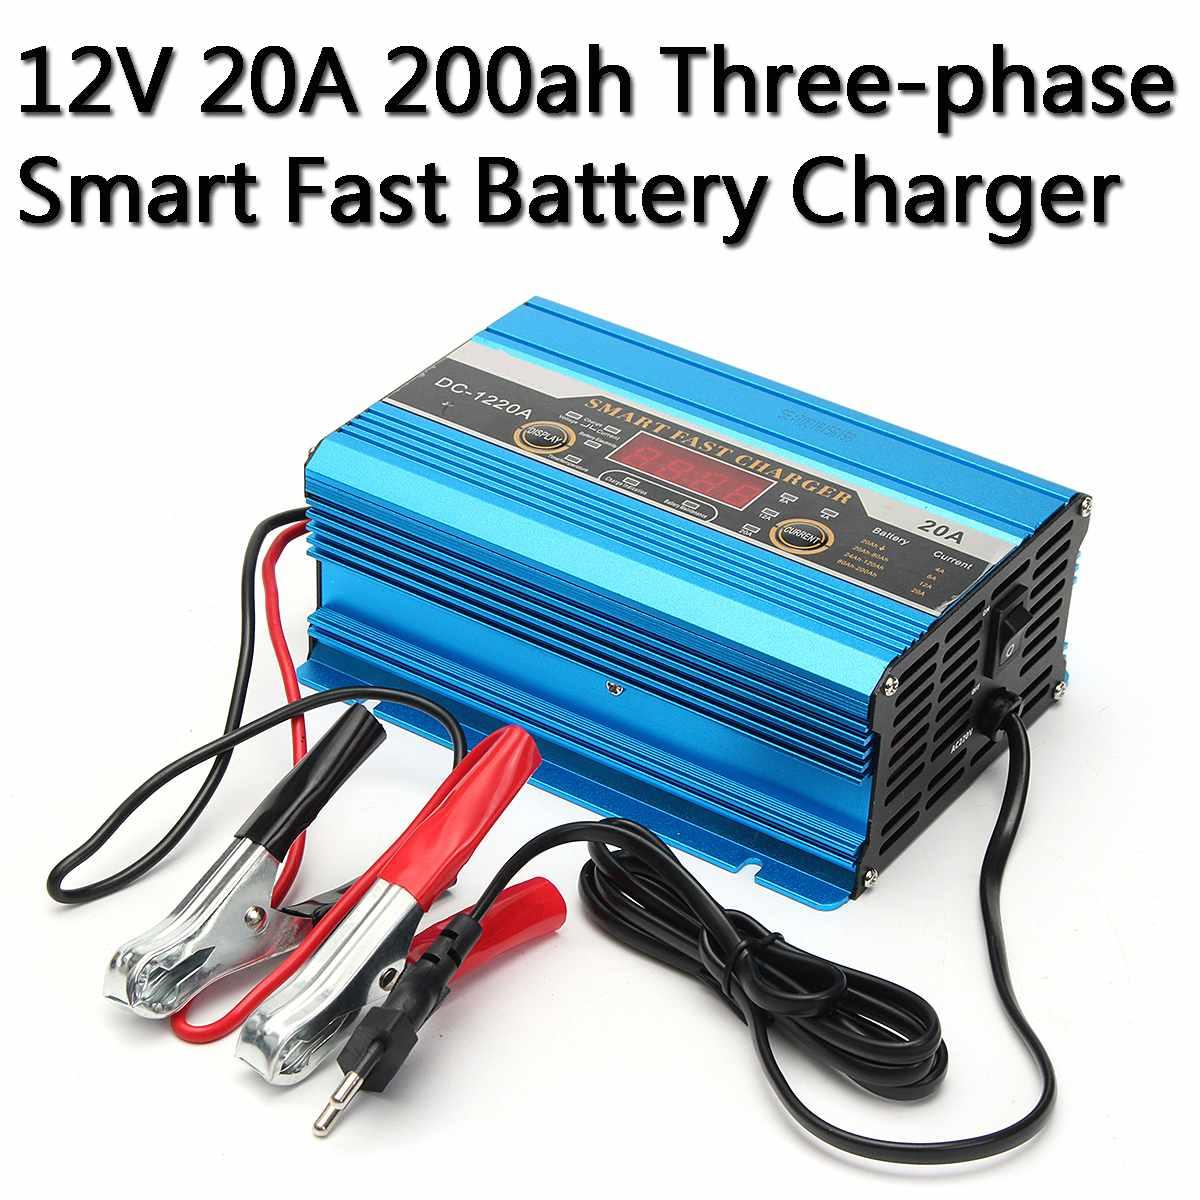 Chargeur de batterie de voiture rapide intelligent triphasé 4 V 20A batterie de moto pur cuivre chargeur de réparation rapide intelligent avec affichage de LED